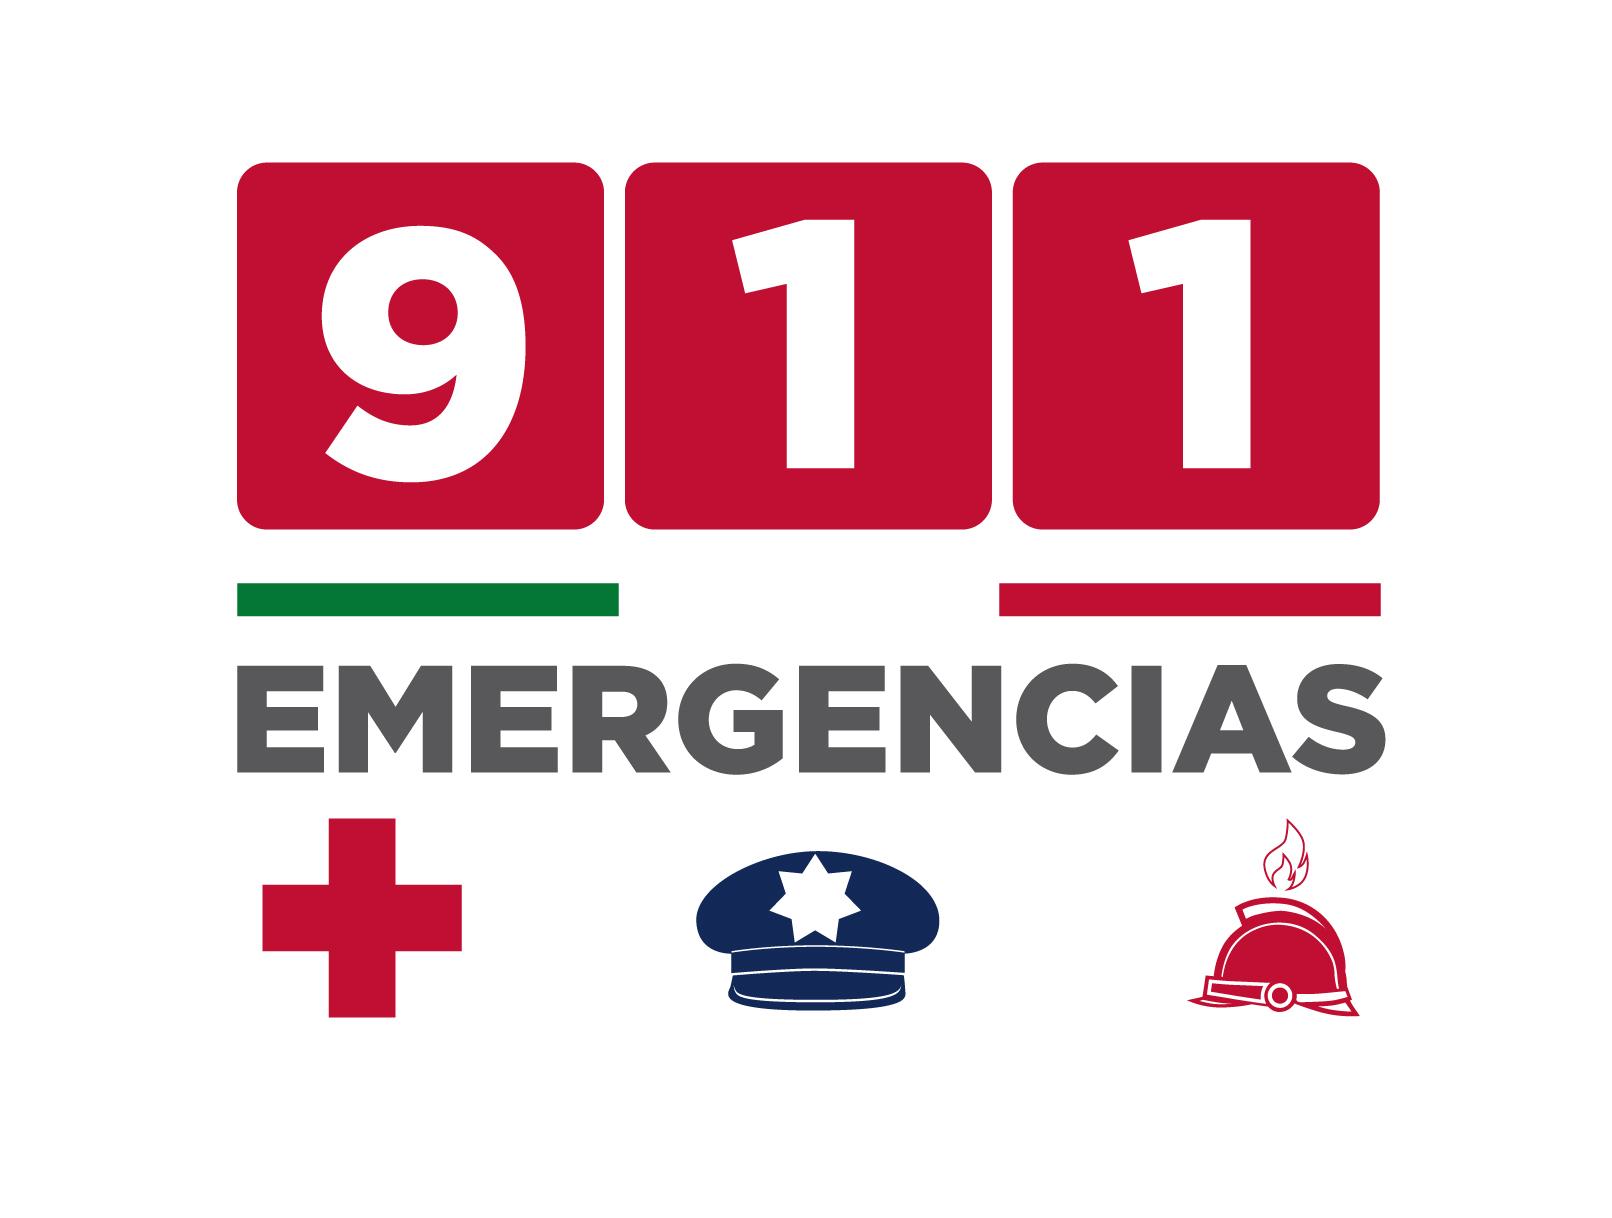 911 - photo #30